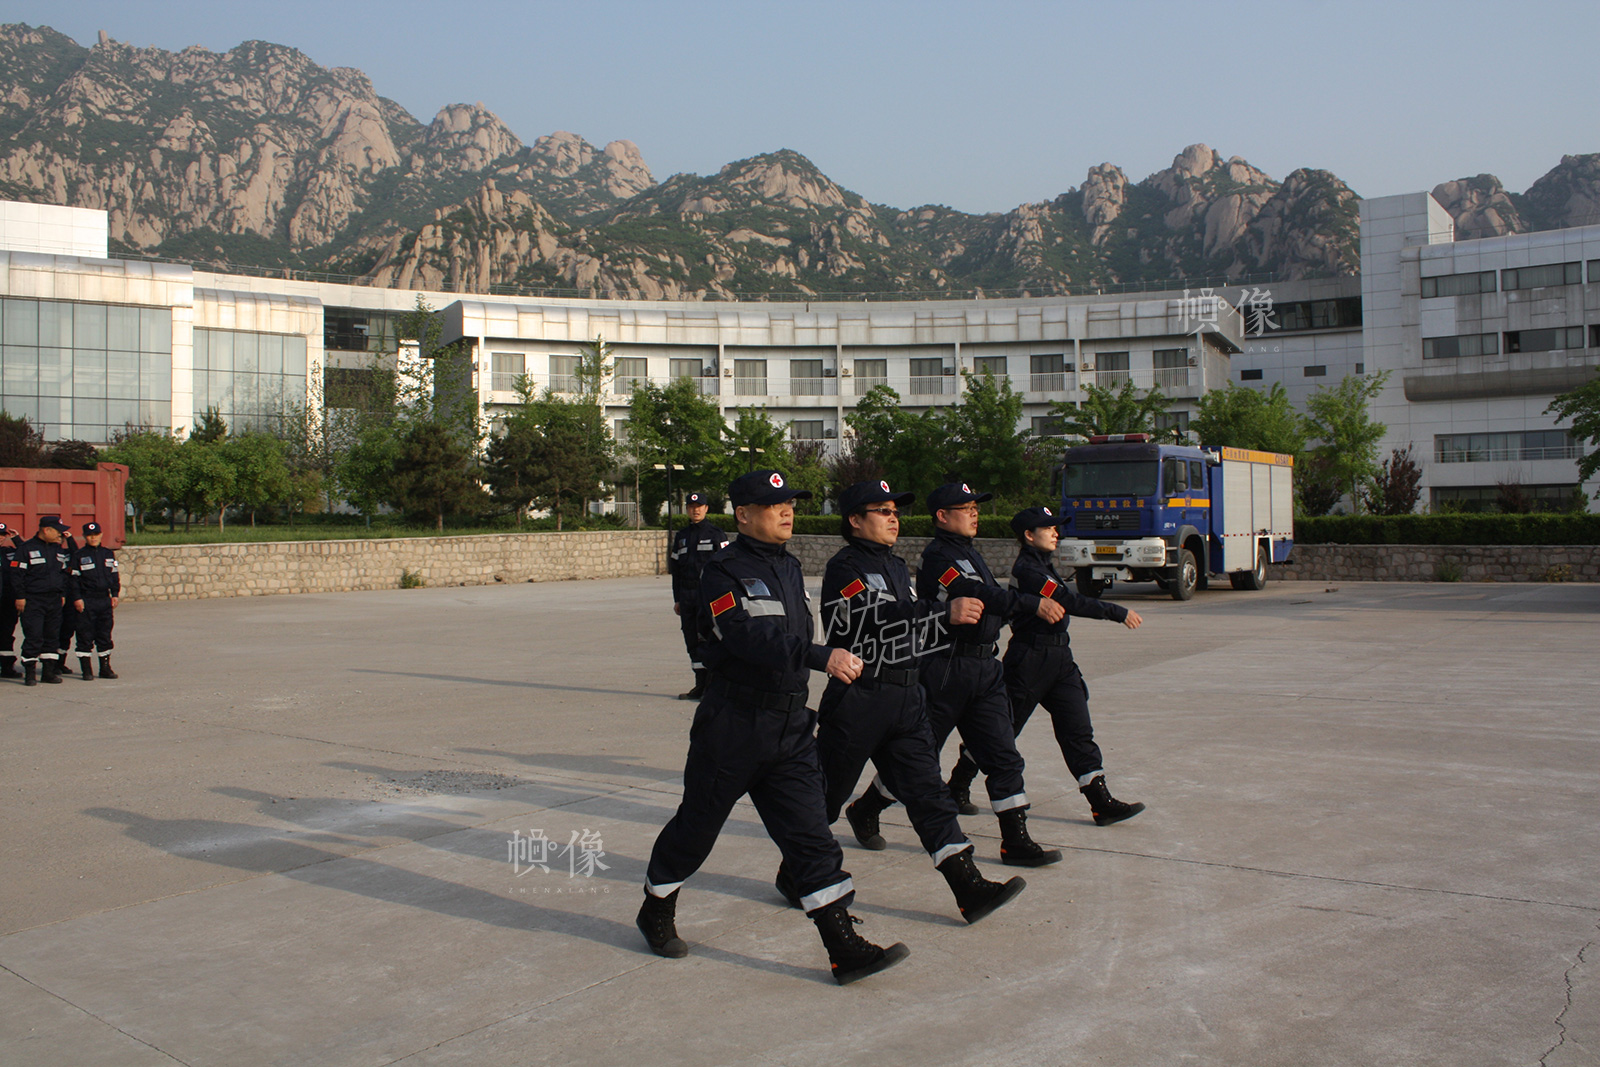 2013年5月,王志东在国家地震紧急救援训练基地参加应急救援培训。(北京市西城区红十字会供图)